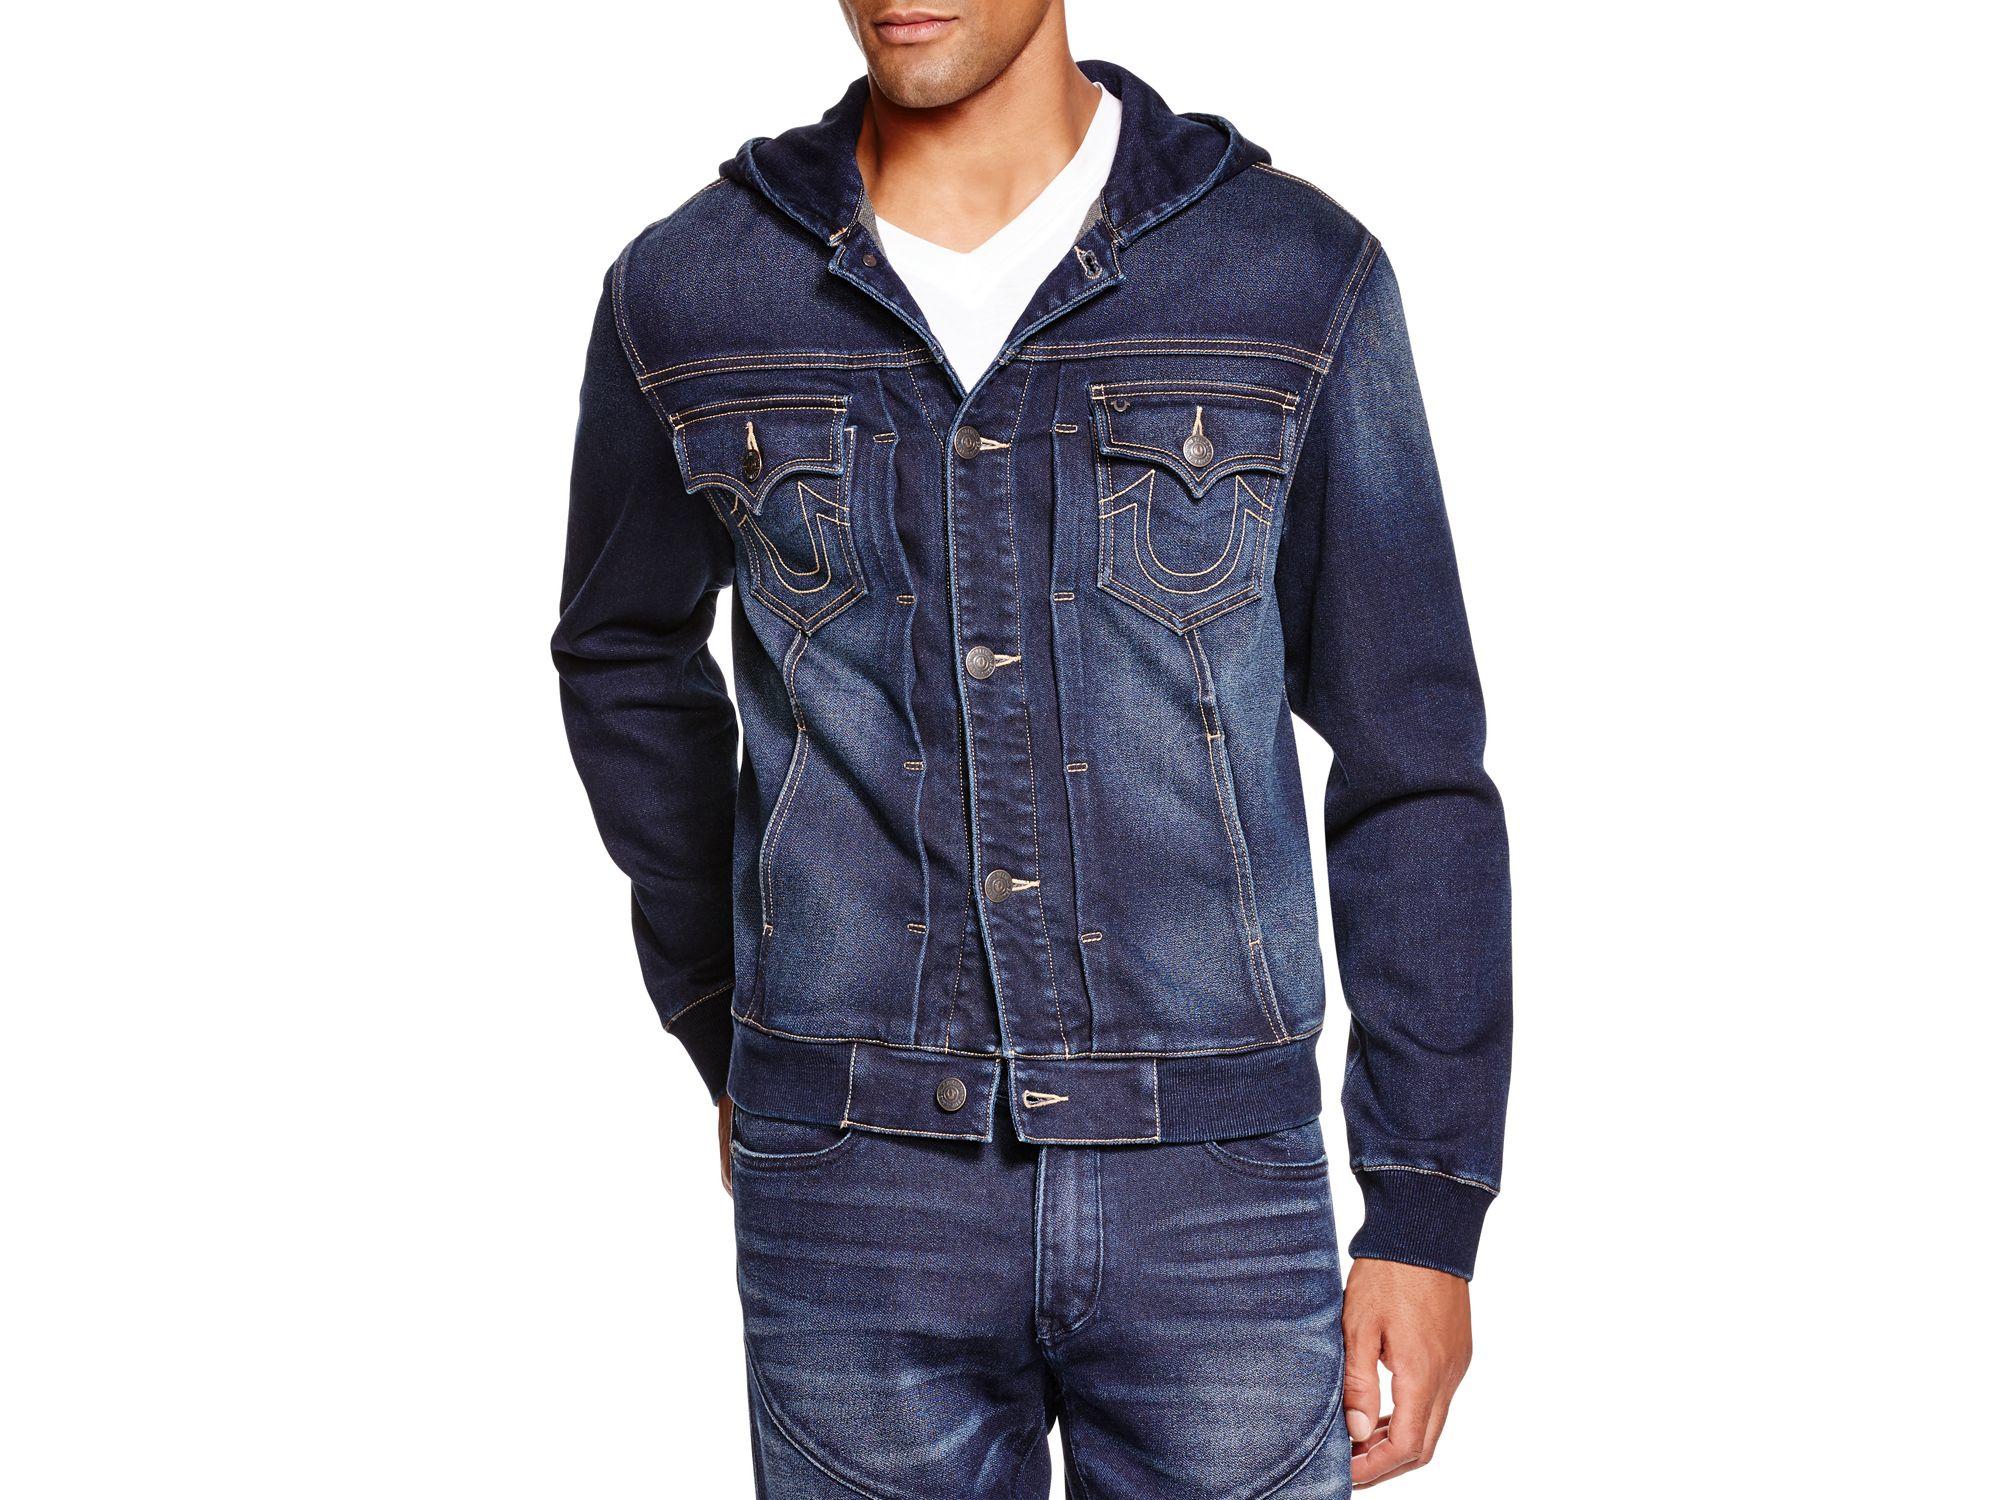 true religion dylan hooded denim jacket in blue for men lyst. Black Bedroom Furniture Sets. Home Design Ideas